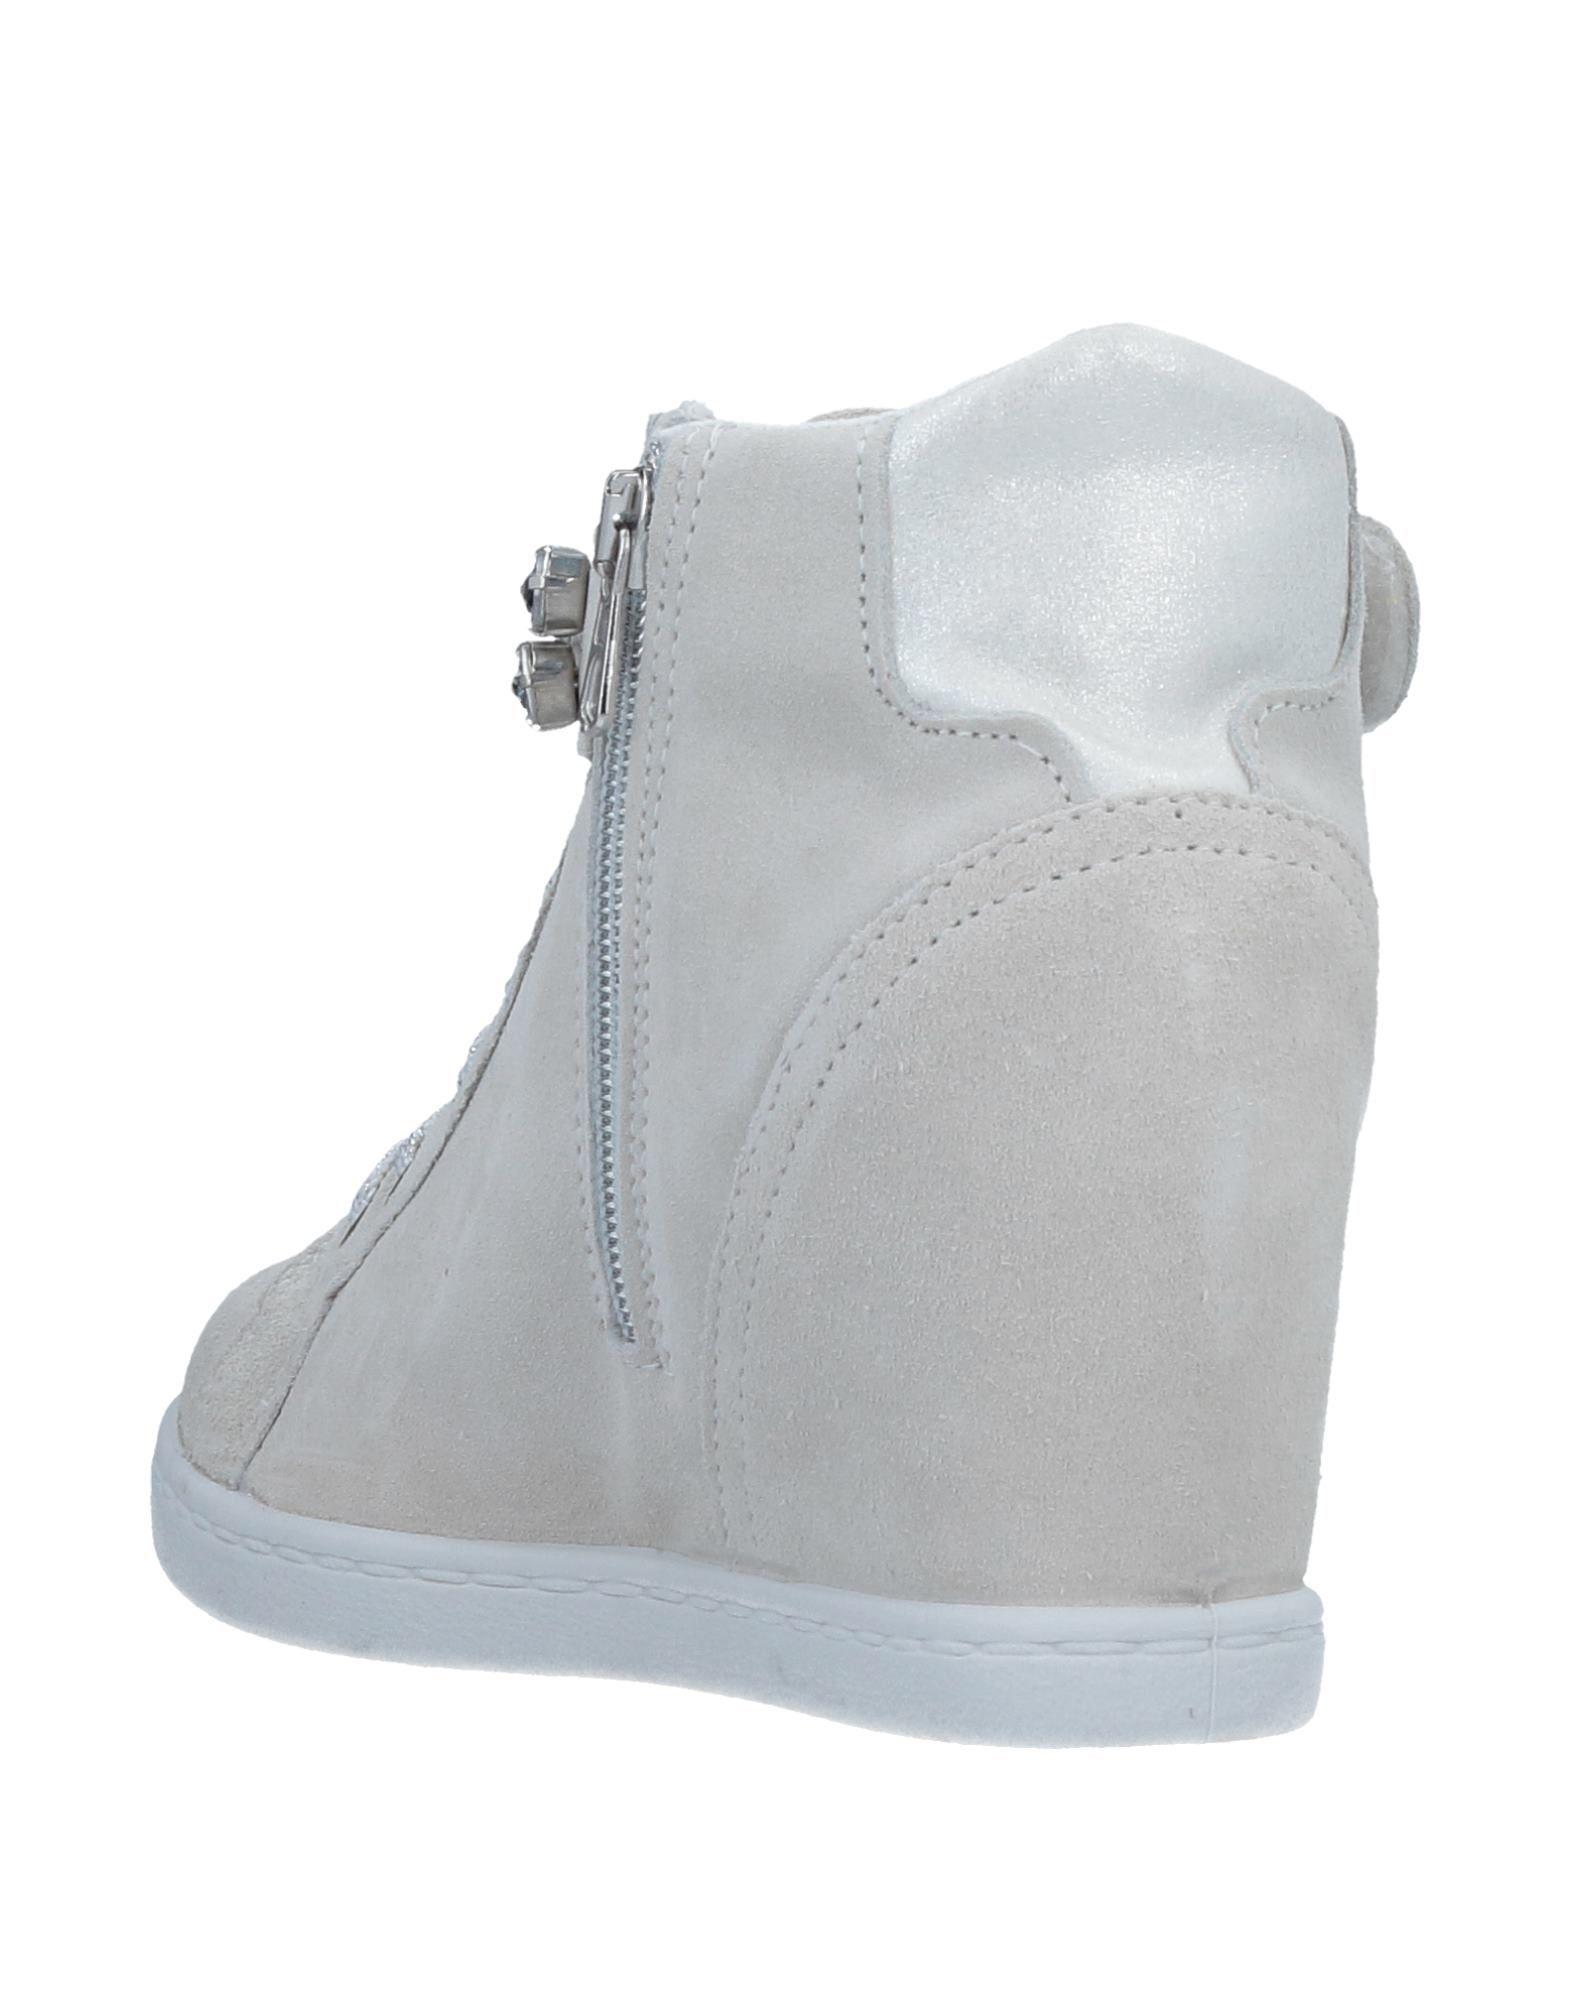 Mng Sneakers Schuhe Damen  11506659TQ Gute Qualität beliebte Schuhe Sneakers 8632cf